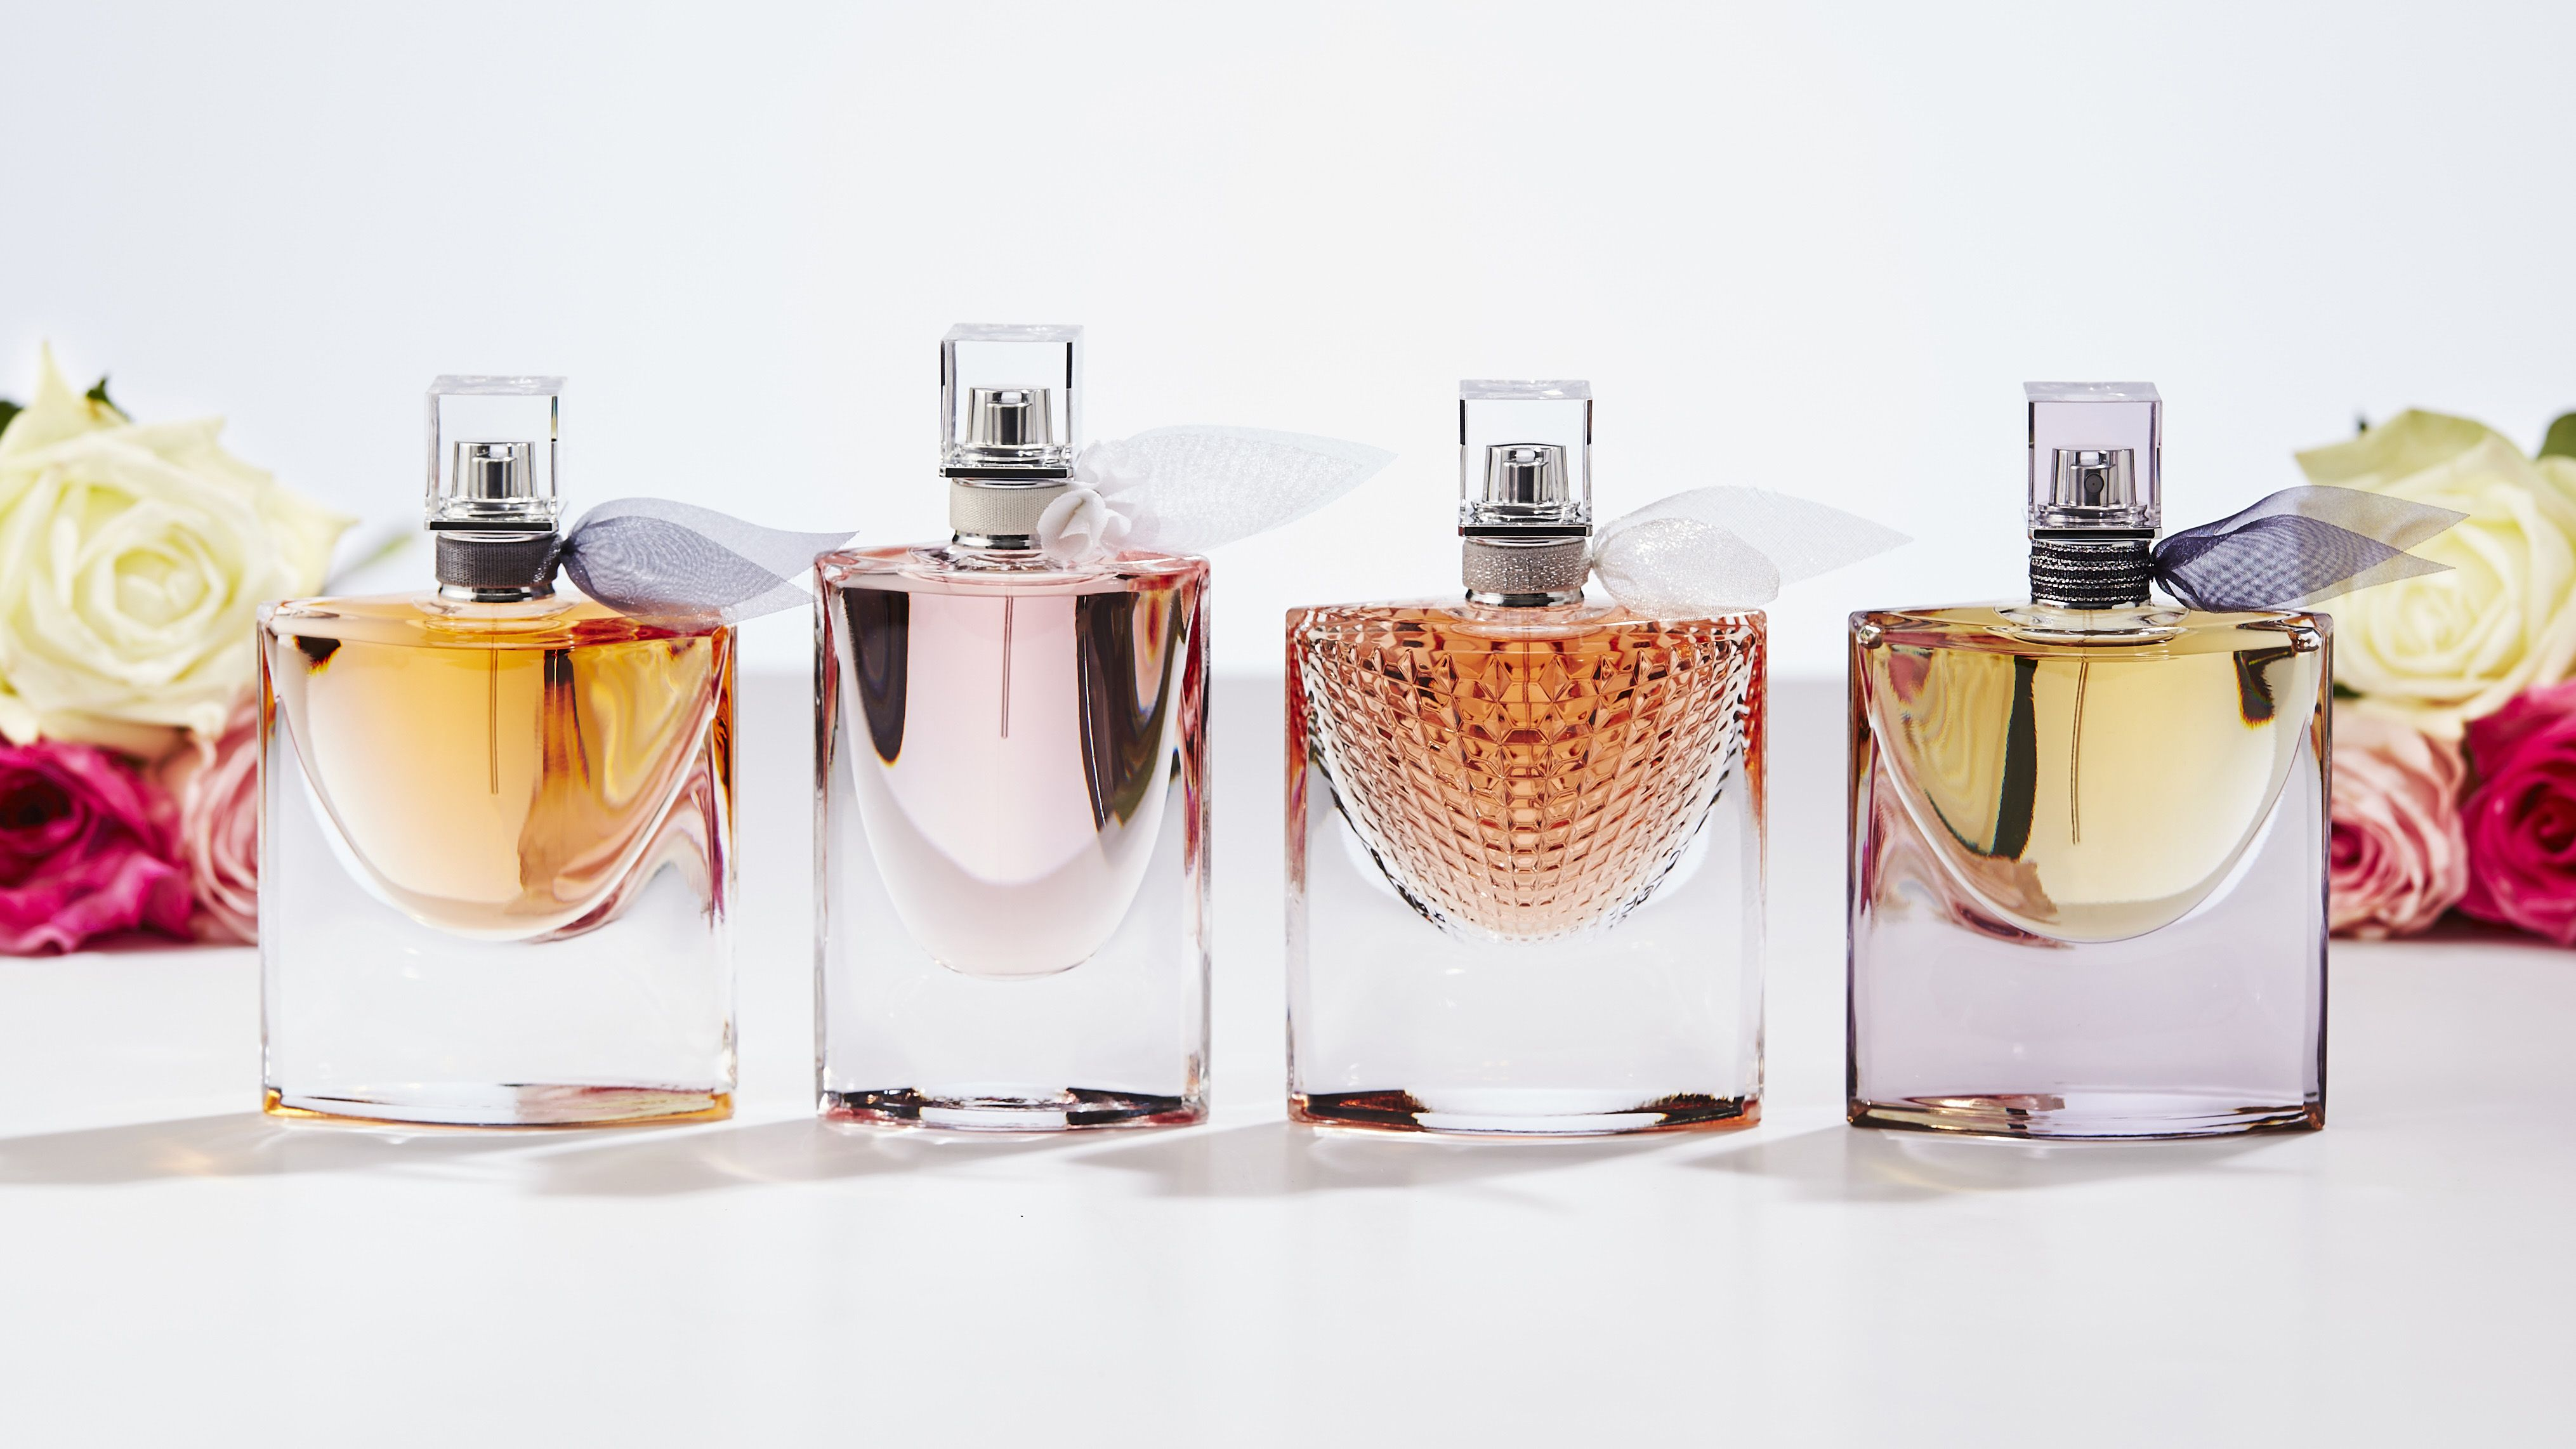 La Vie Est Belle Eau De Parfum Premiun Fragrance Perfume Lancome Fragrances Perfume Fragrance Eau De Parfum